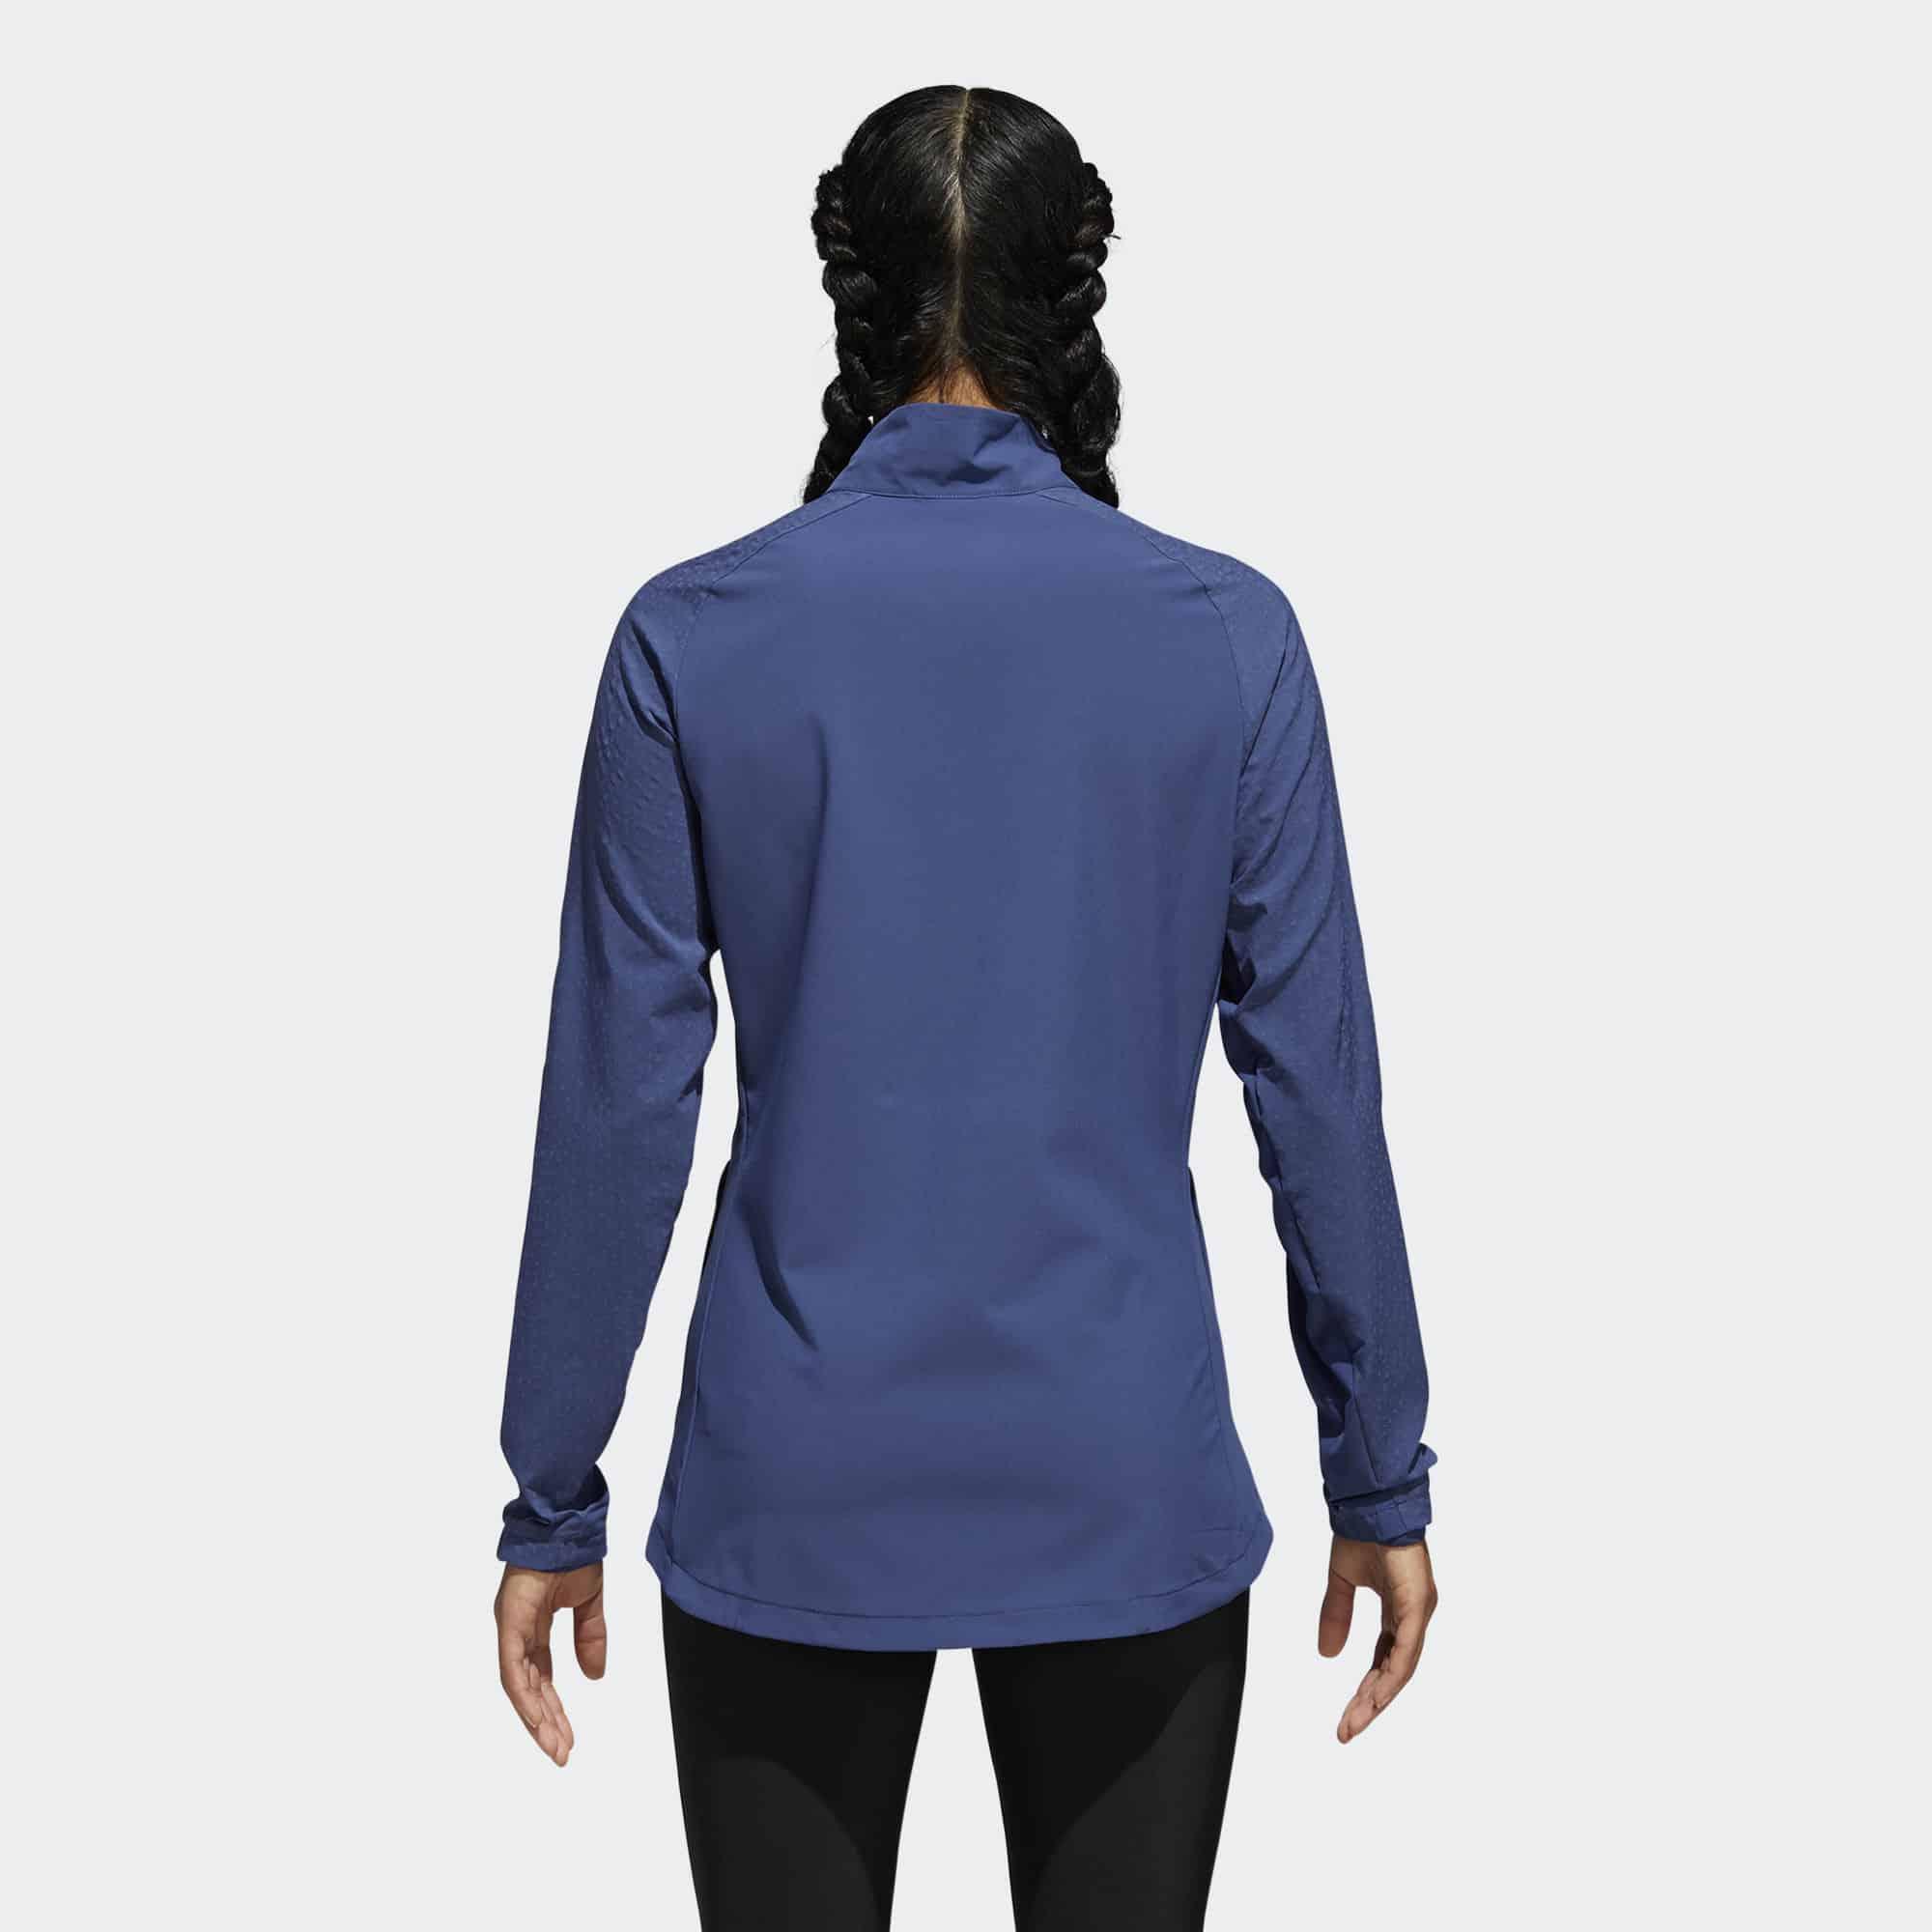 Adidas Storm Jacket W